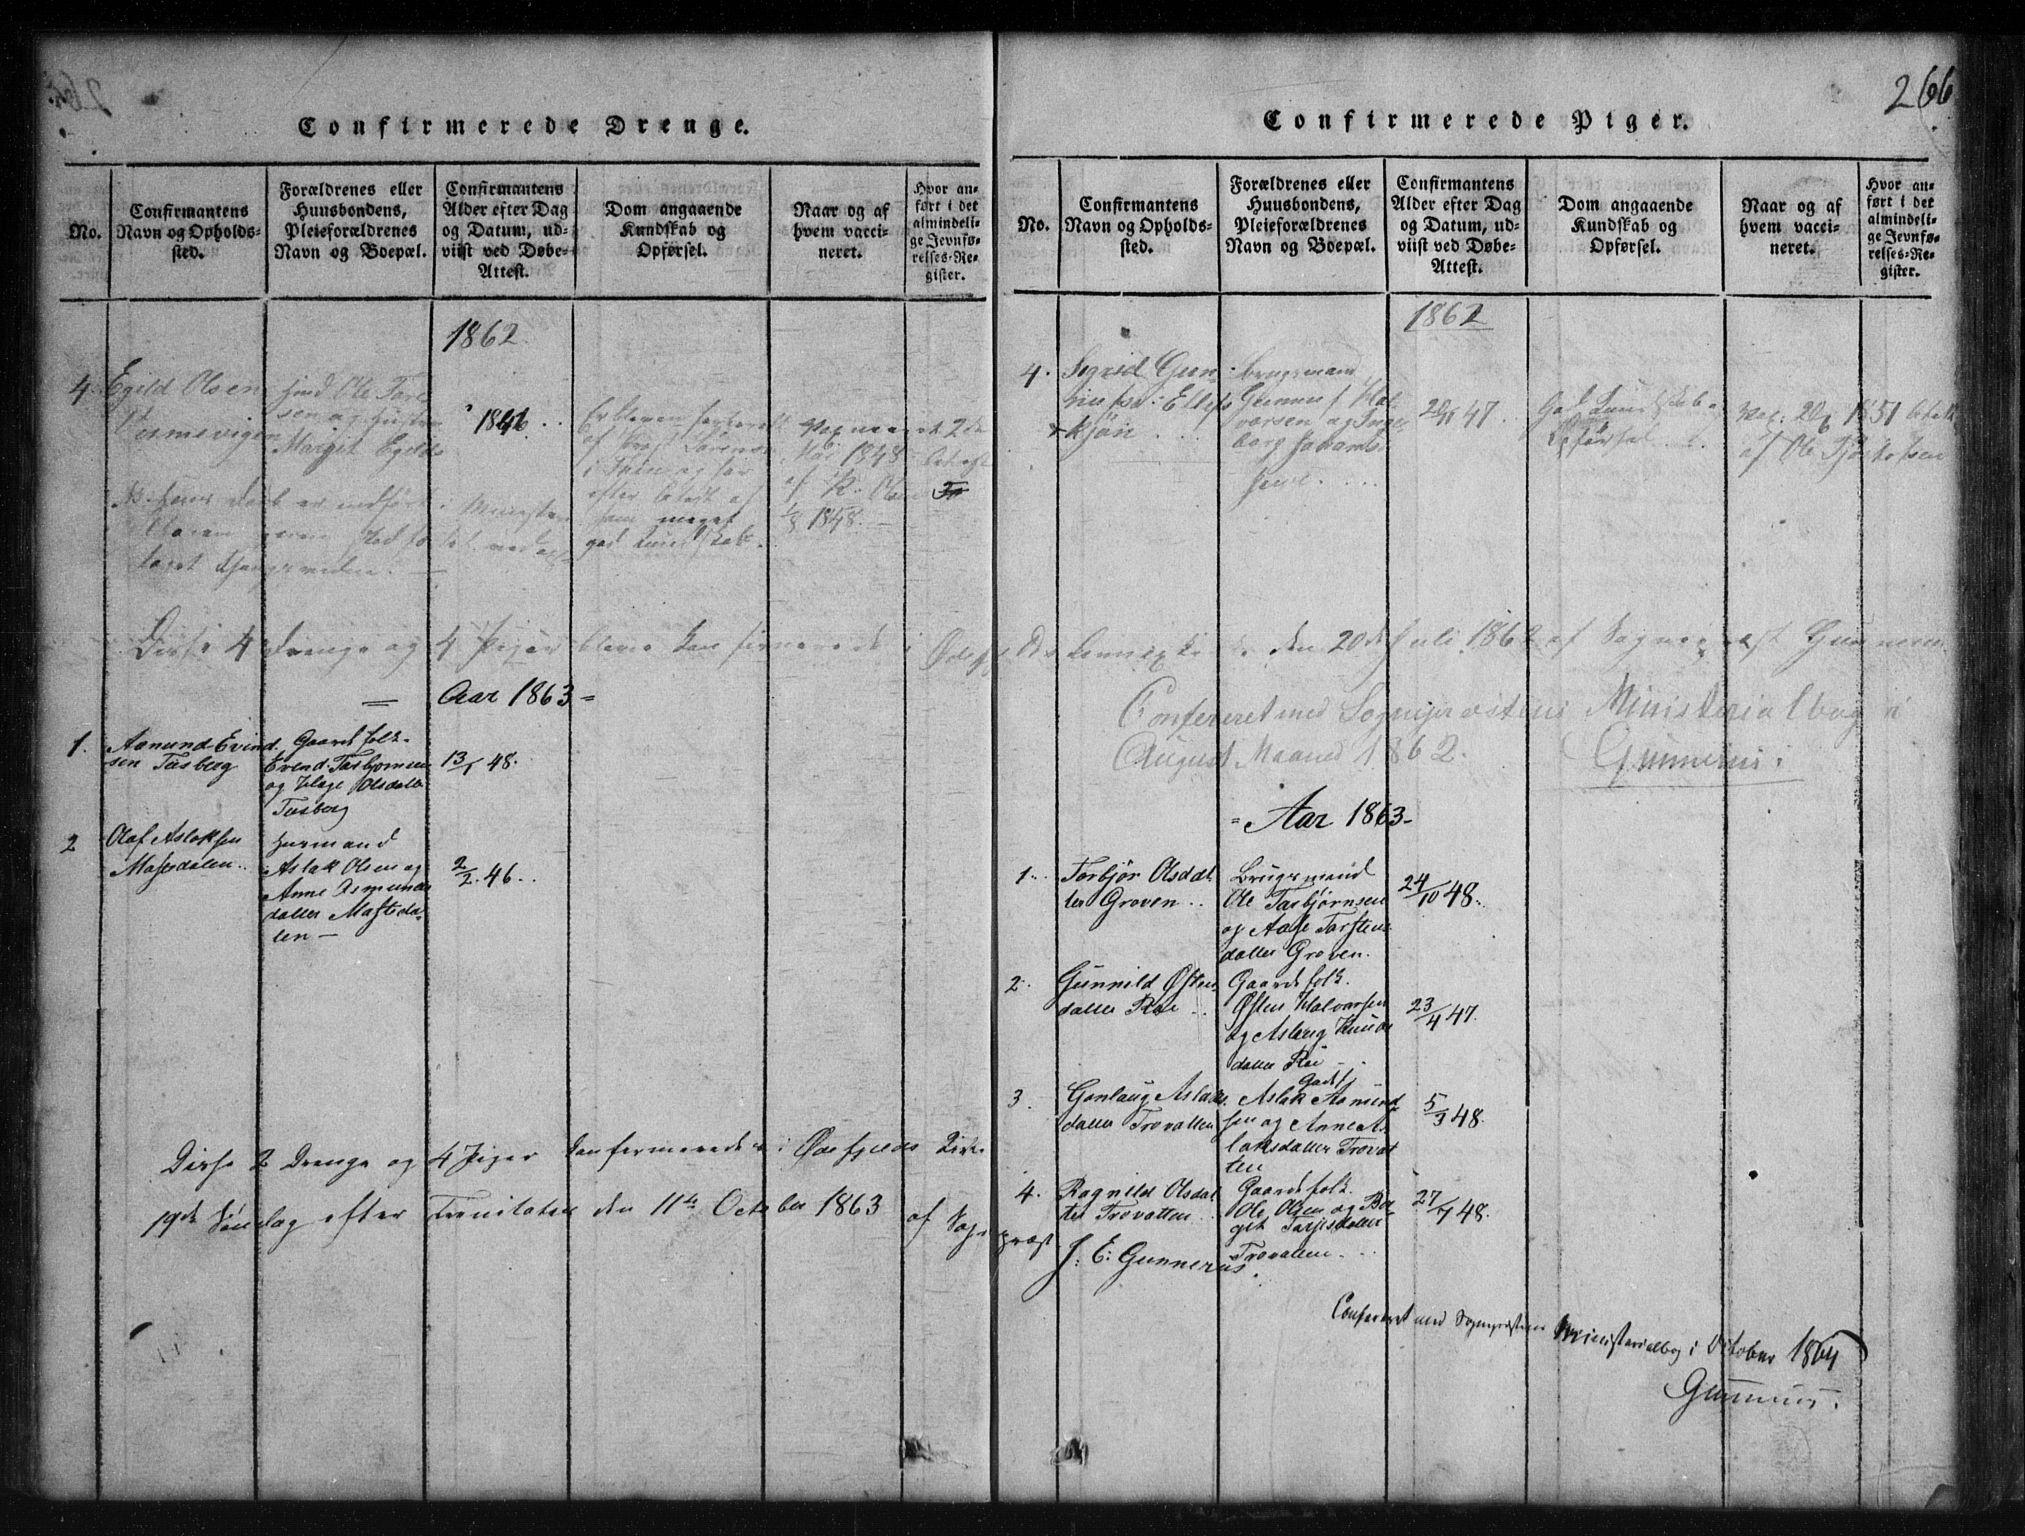 SAKO, Rauland kirkebøker, G/Gb/L0001: Klokkerbok nr. II 1, 1815-1886, s. 266